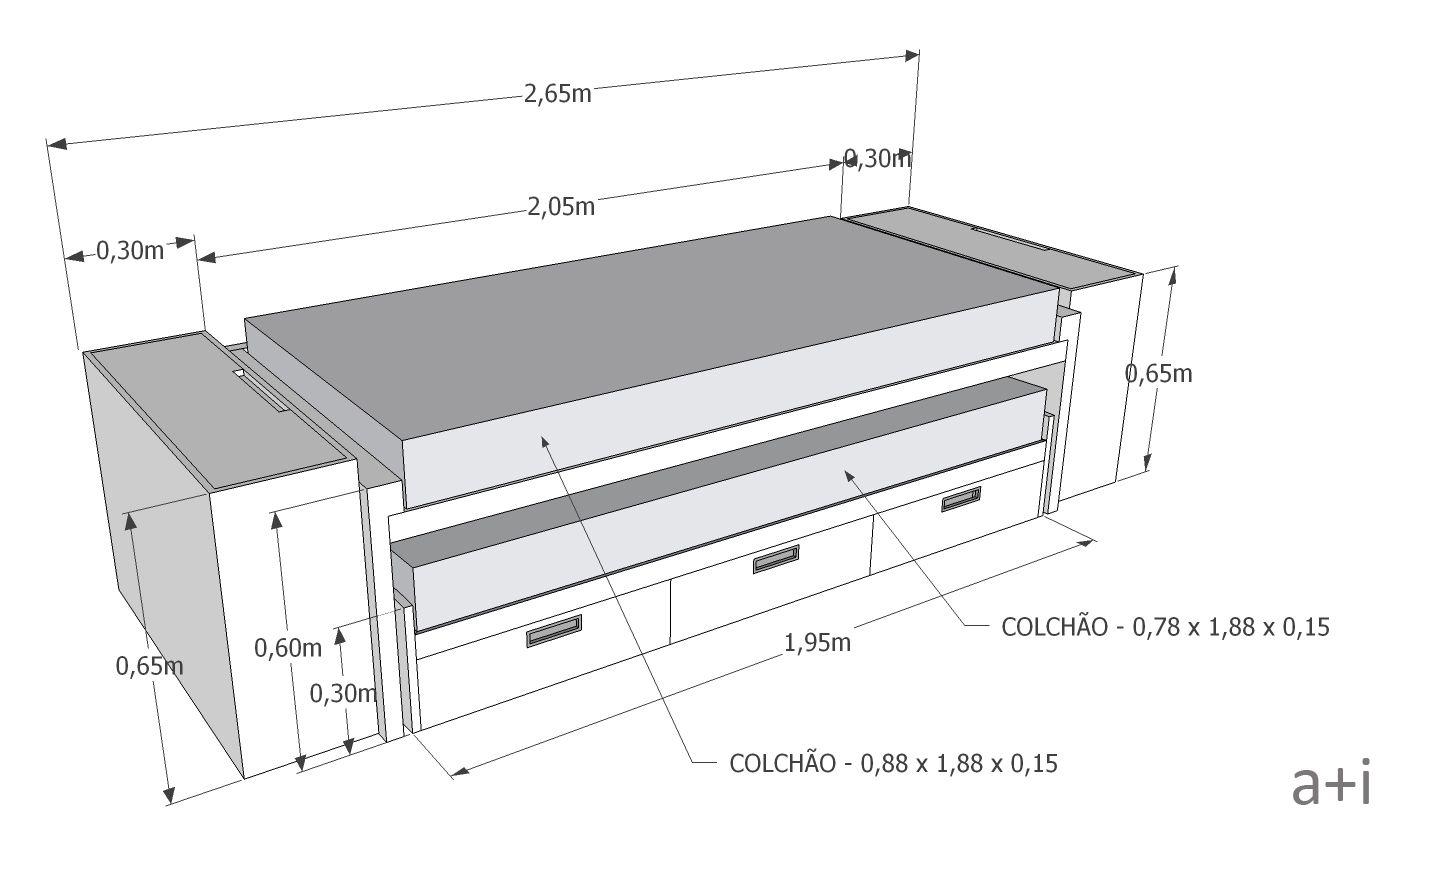 Resultado de imagem para bicama com gaveta espacios for Cama divan nina